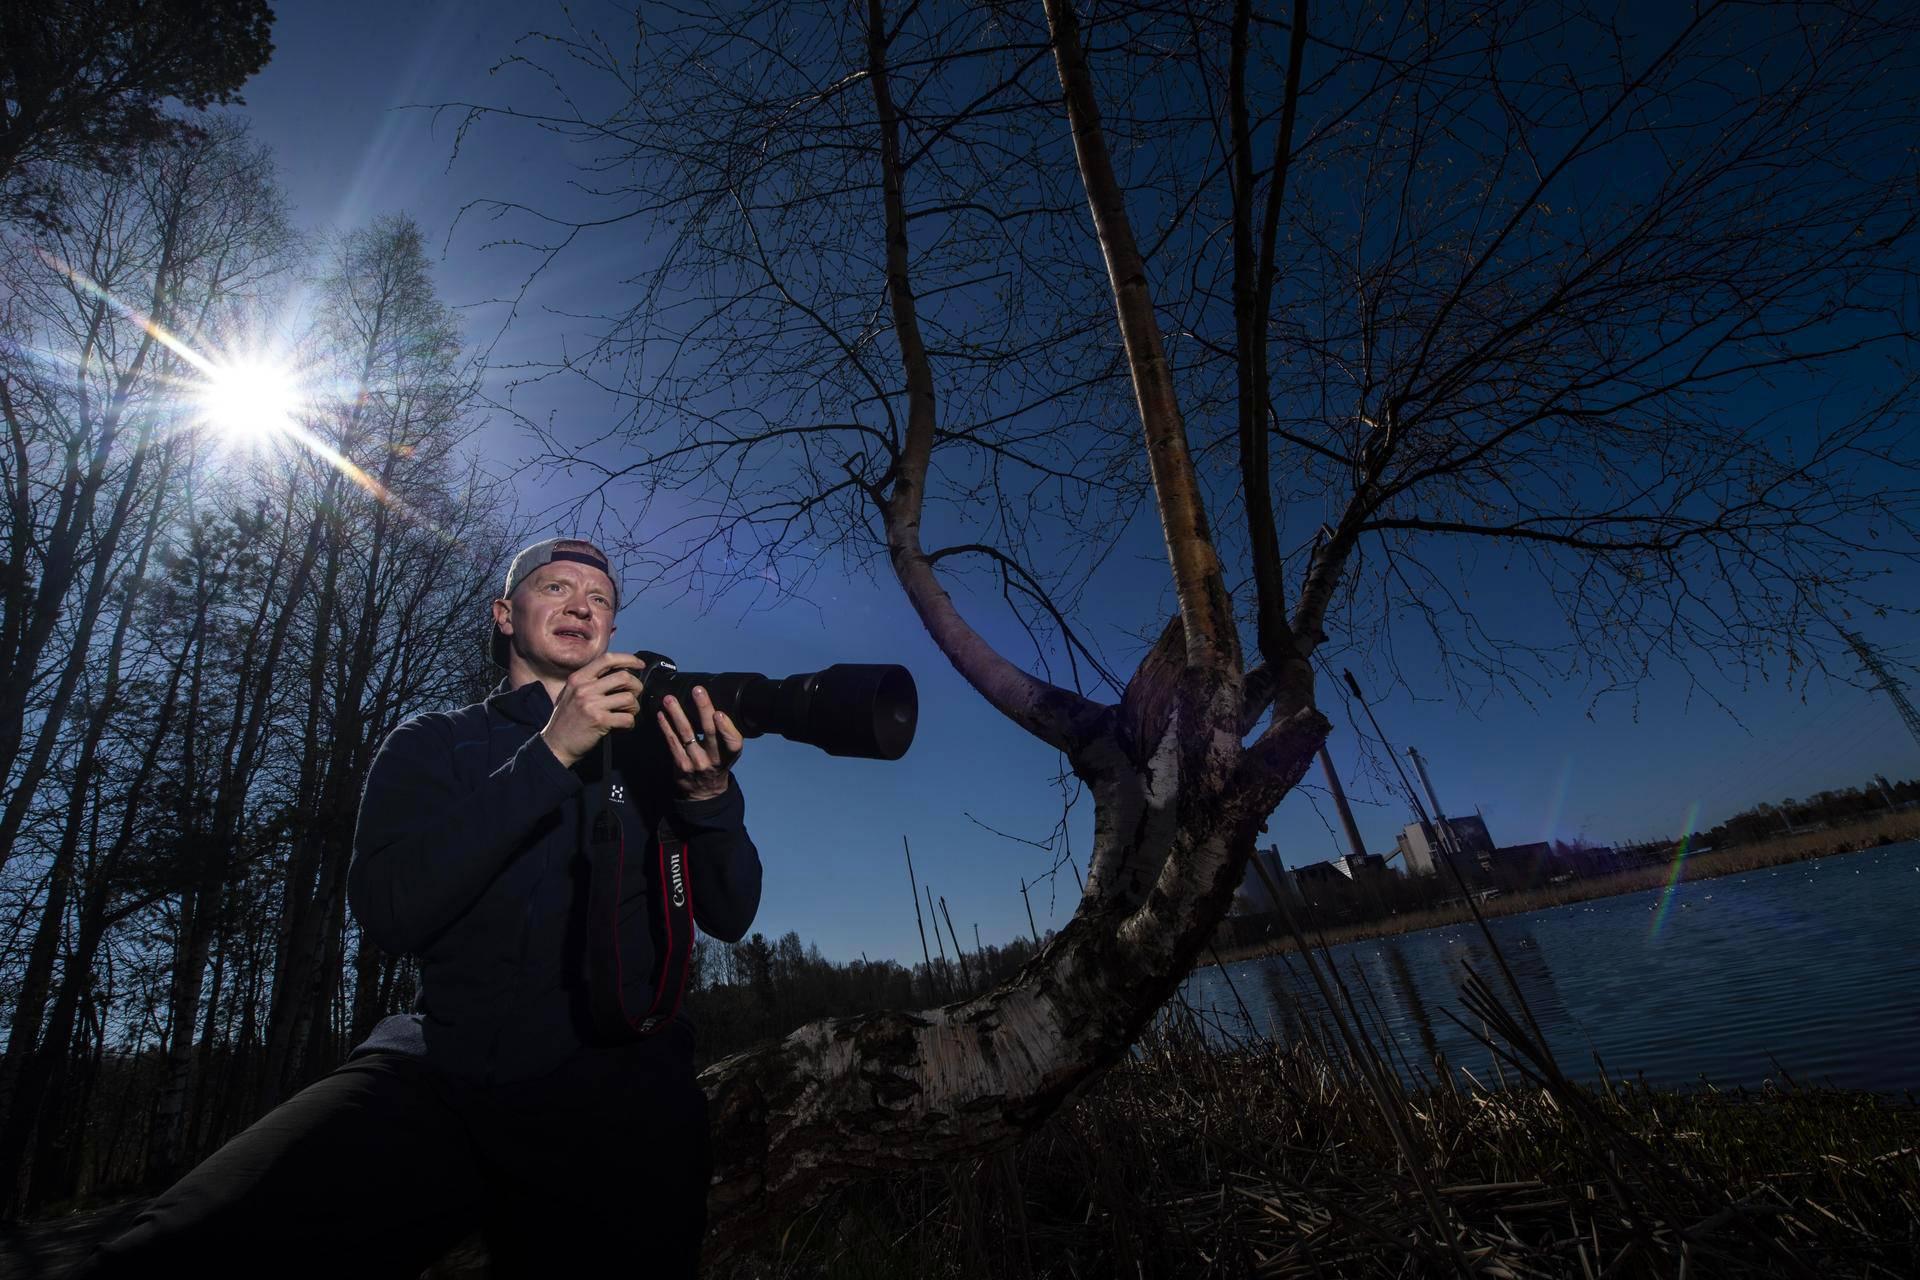 Helsingin IFK:n kapteeni Lennart Petrell on aggressiivisesta pelityylistä tunnetun seuran ruumiillistuma. Luontopoluilla samoaa rauhallisesti hengittävä mies.